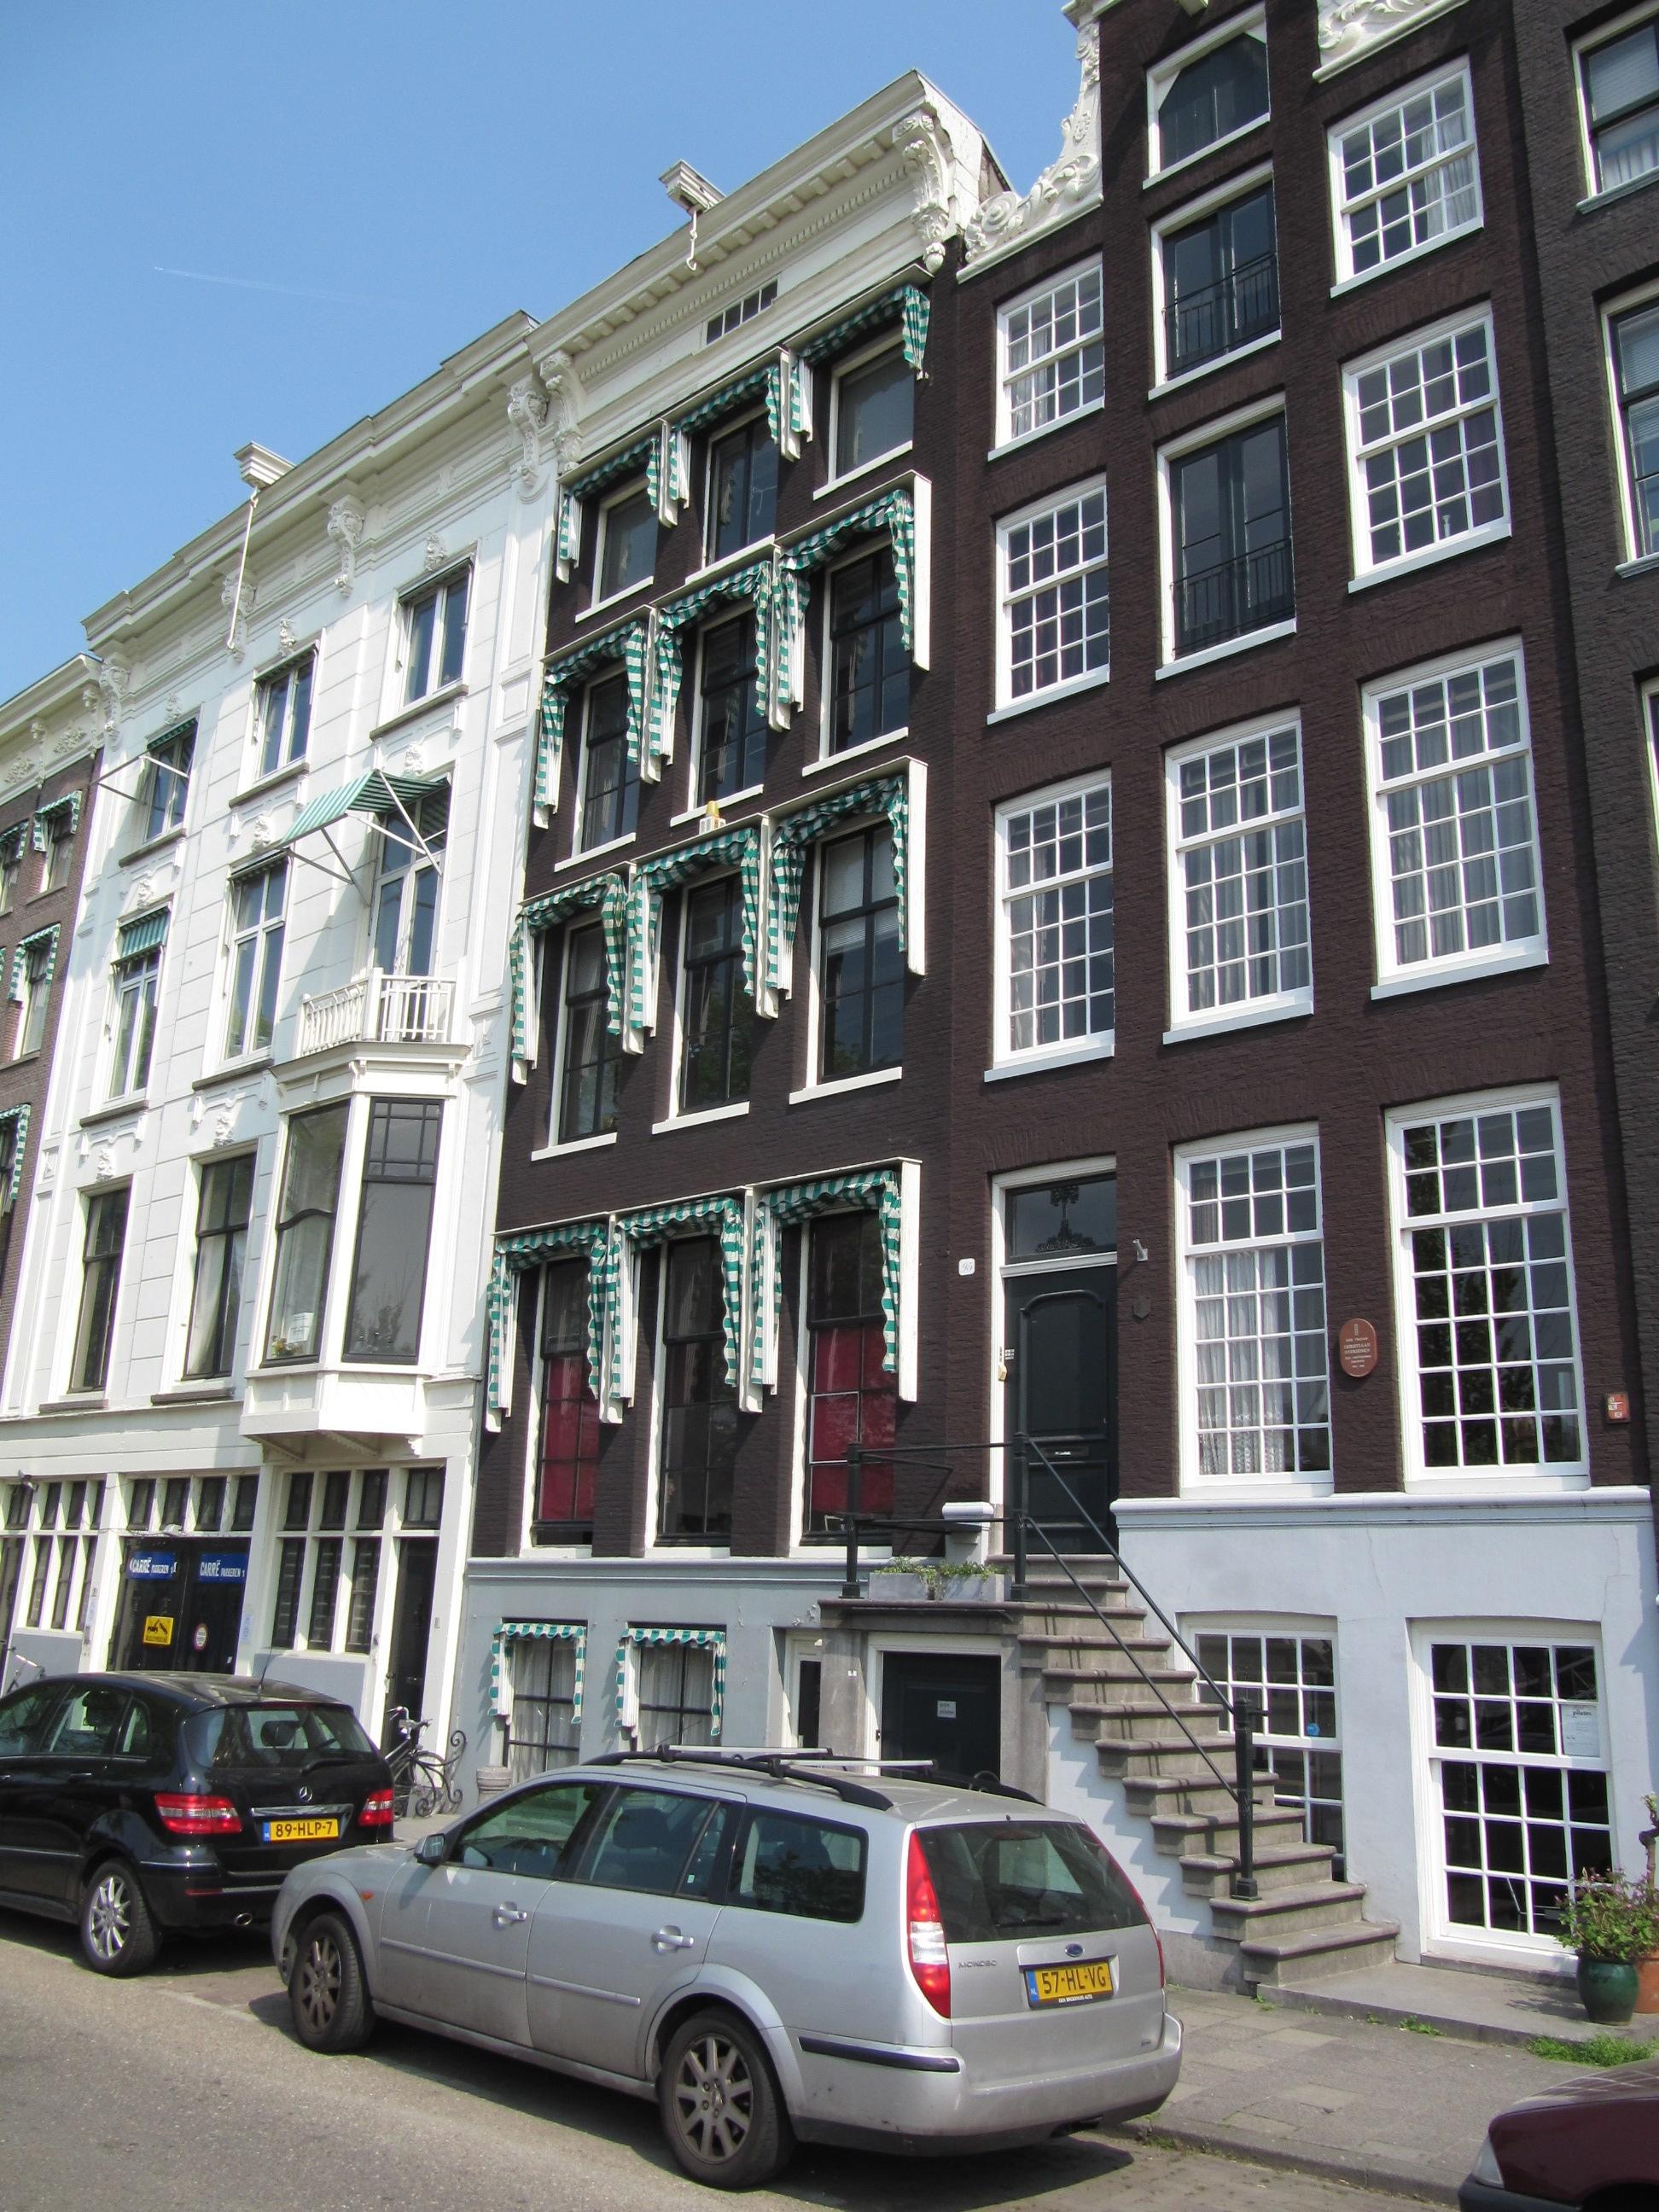 ... met consoles. Tuinhuis in Amsterdam : Monument - Rijksmonumenten.nl